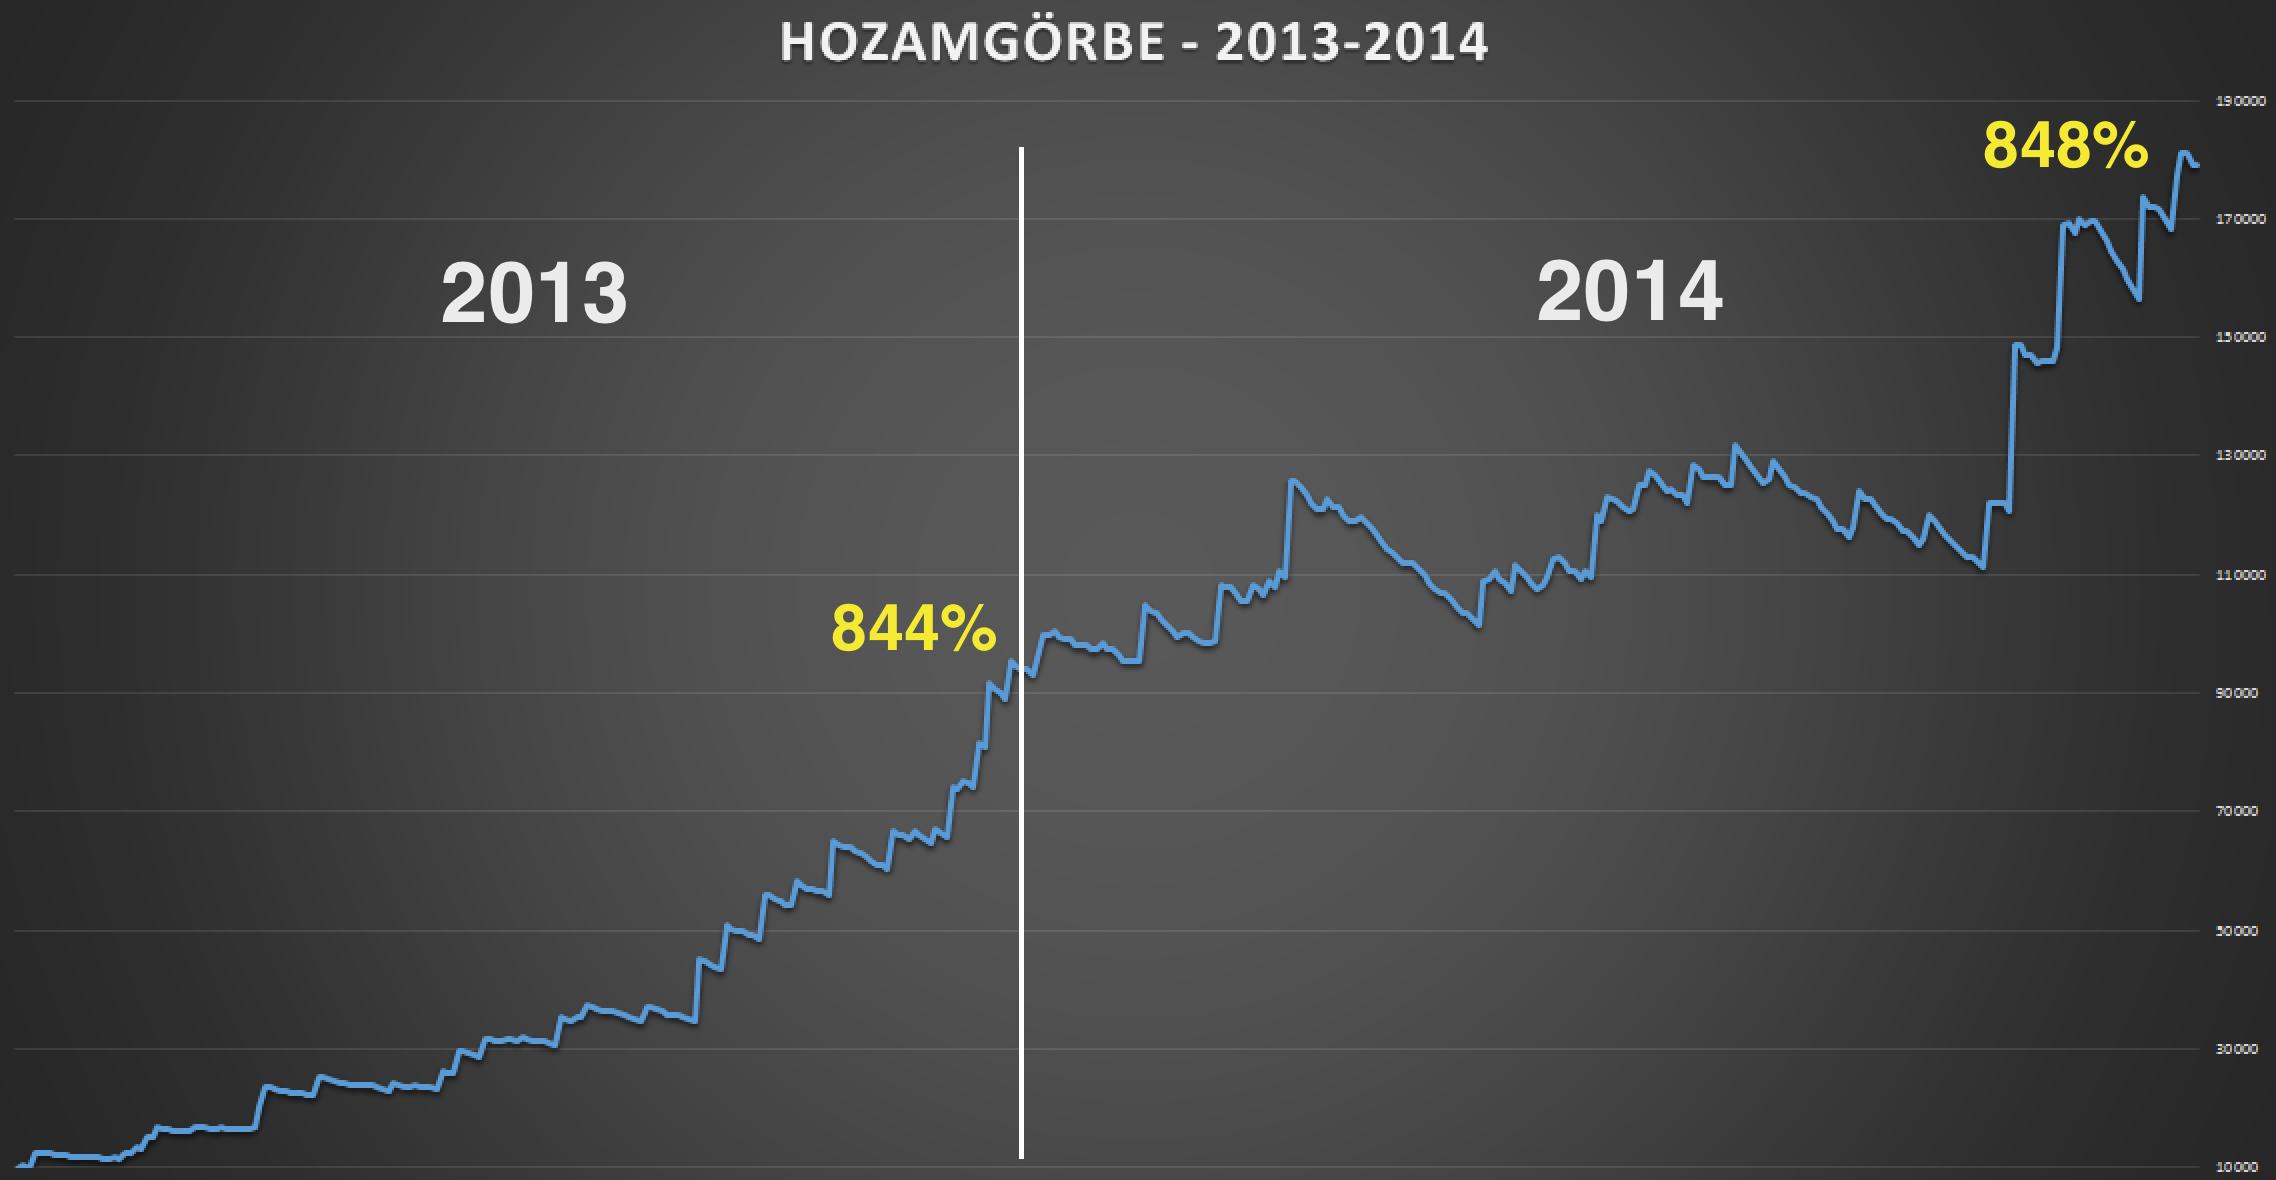 Spike_hozamgorbe_2013-2014